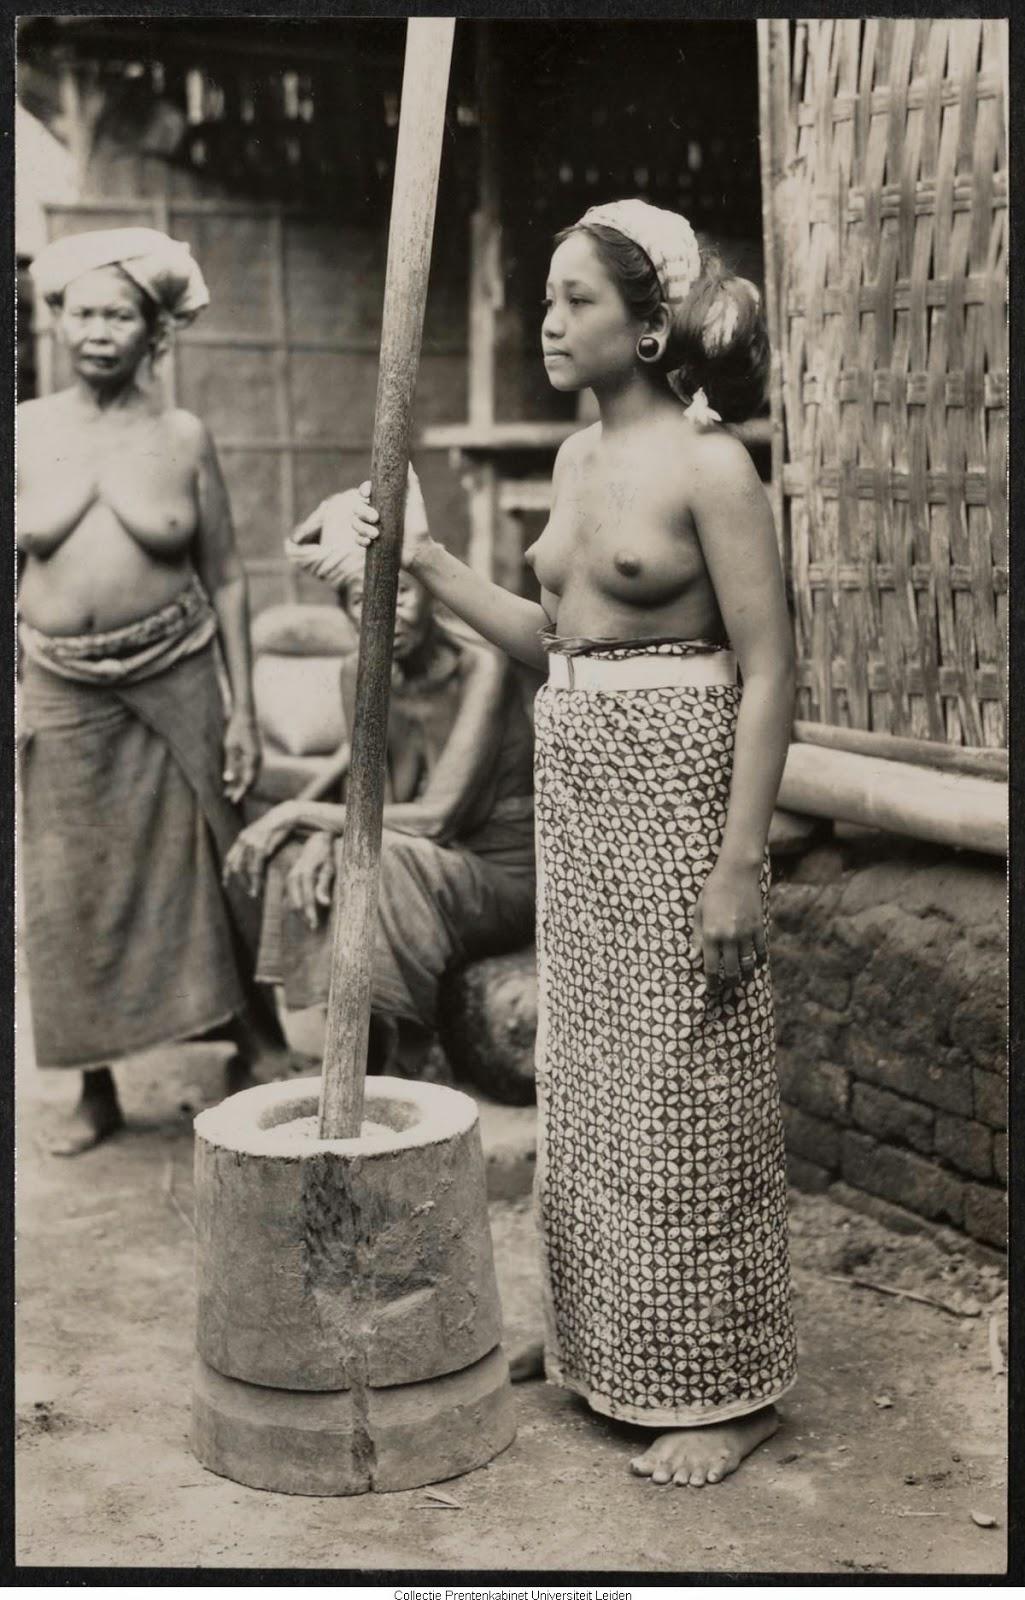 Burma amateur 1 - 1 4